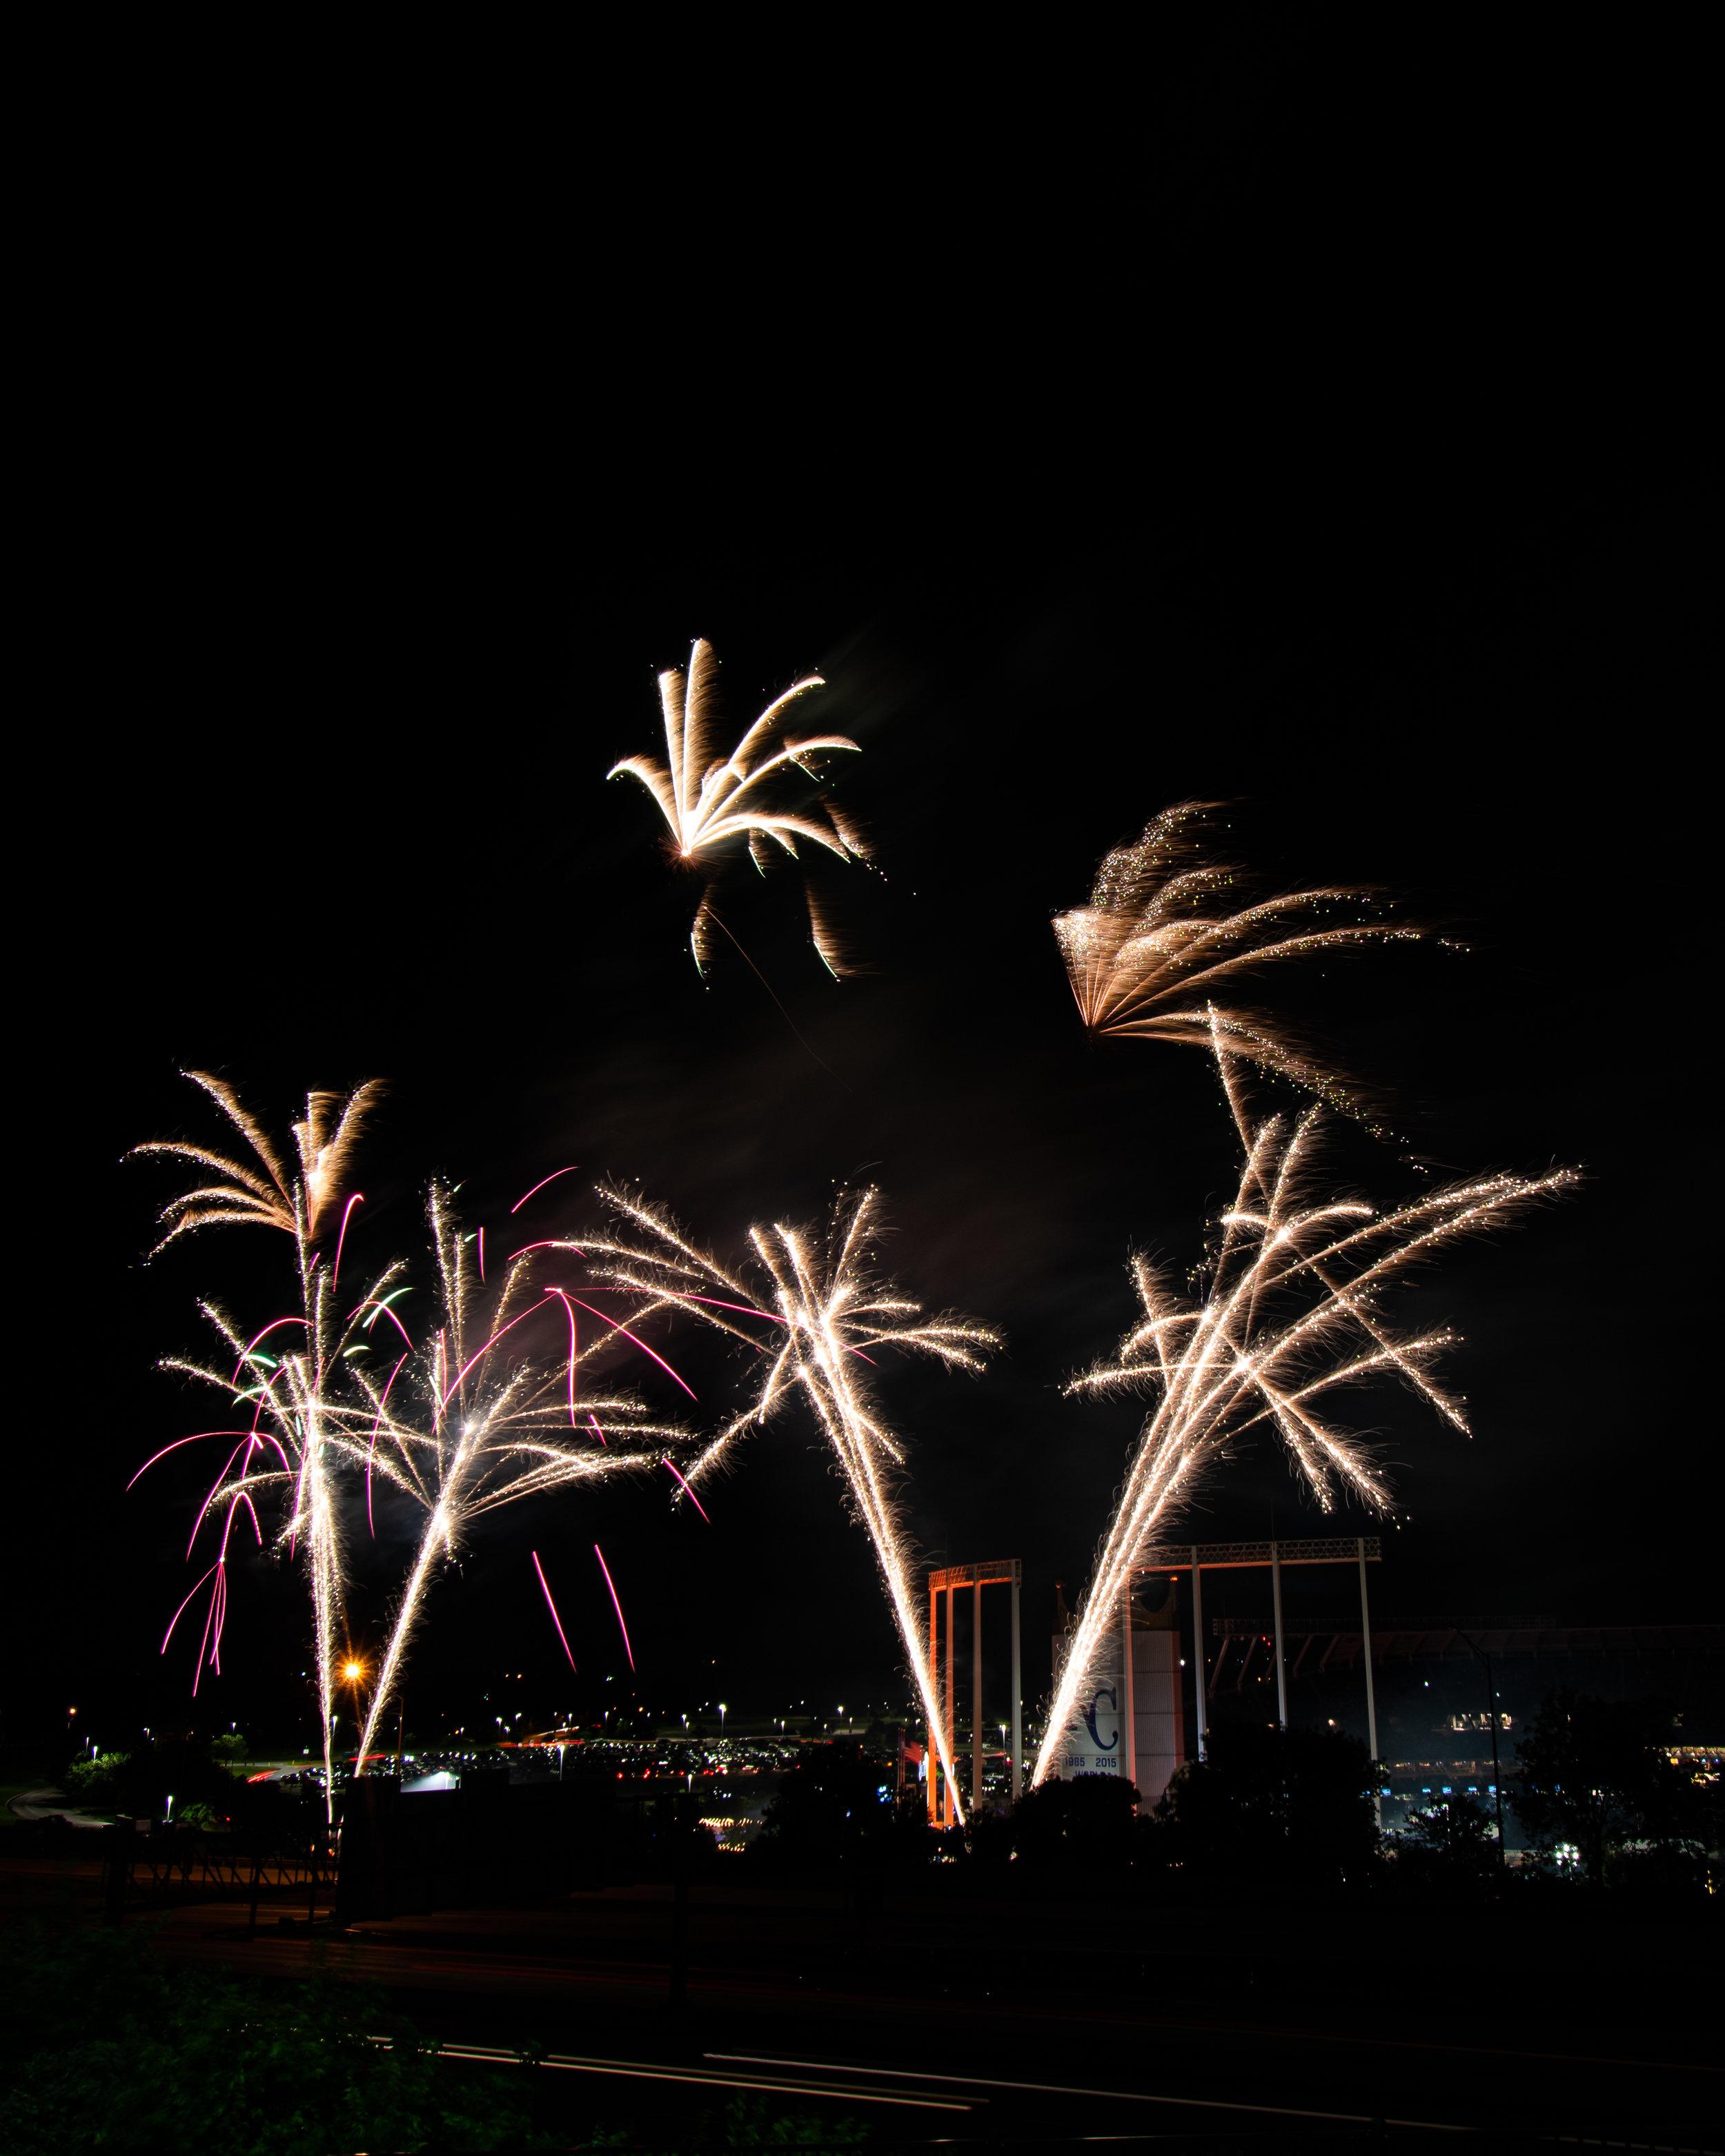 firework-friday-32-of-51_48108277151_o.jpg